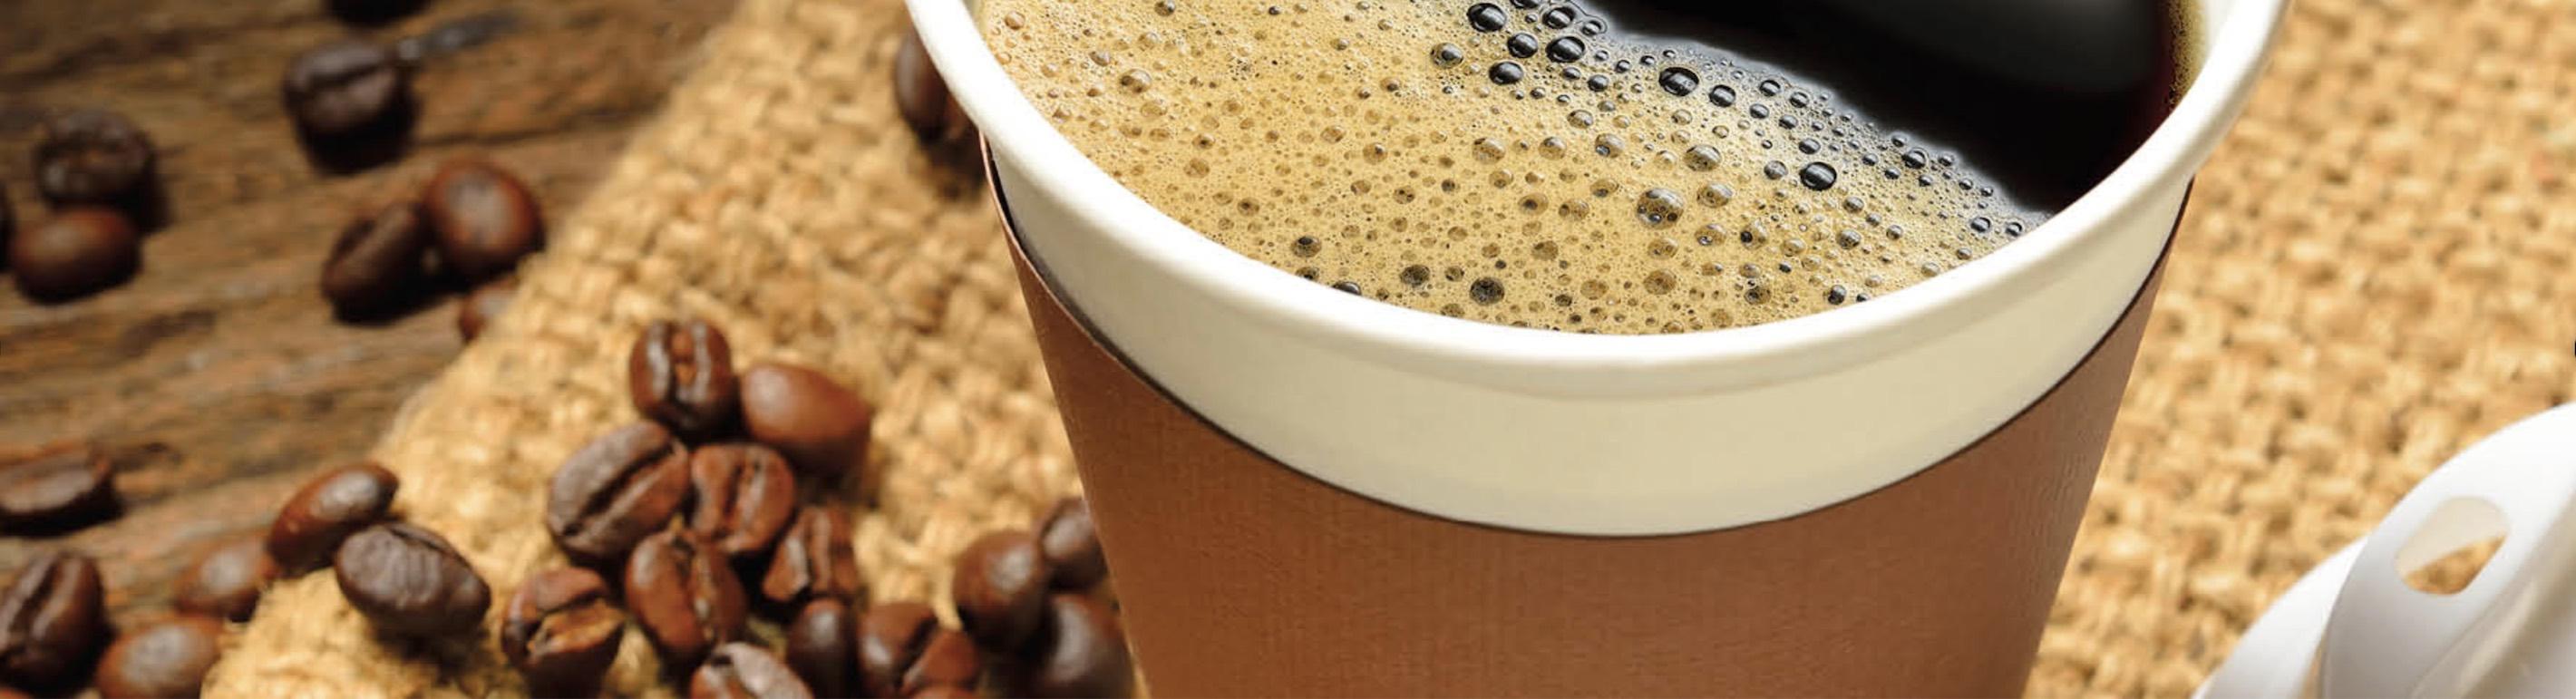 customer's coffee cup